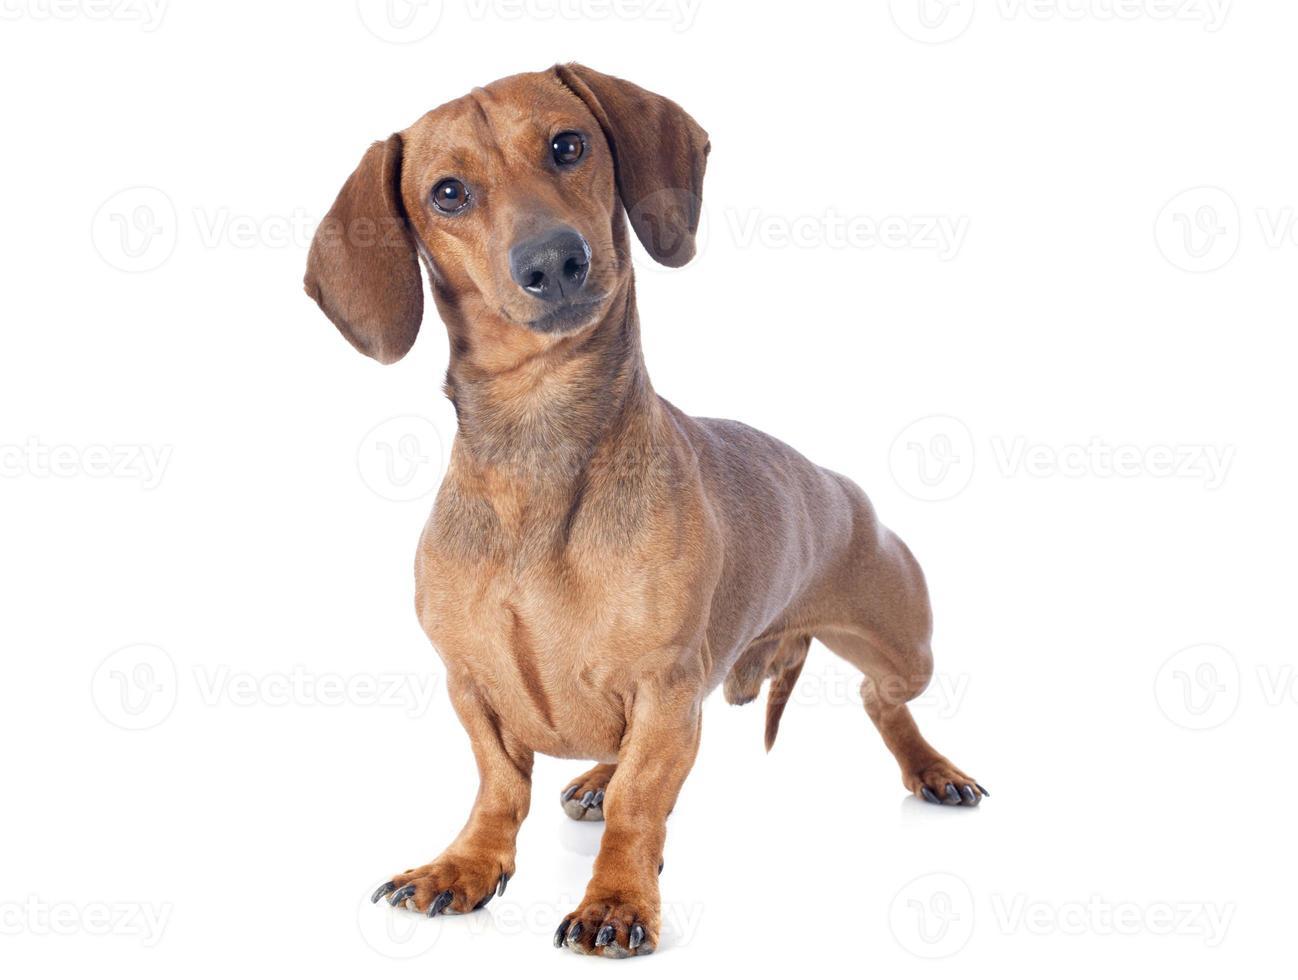 cachorro dachshund foto